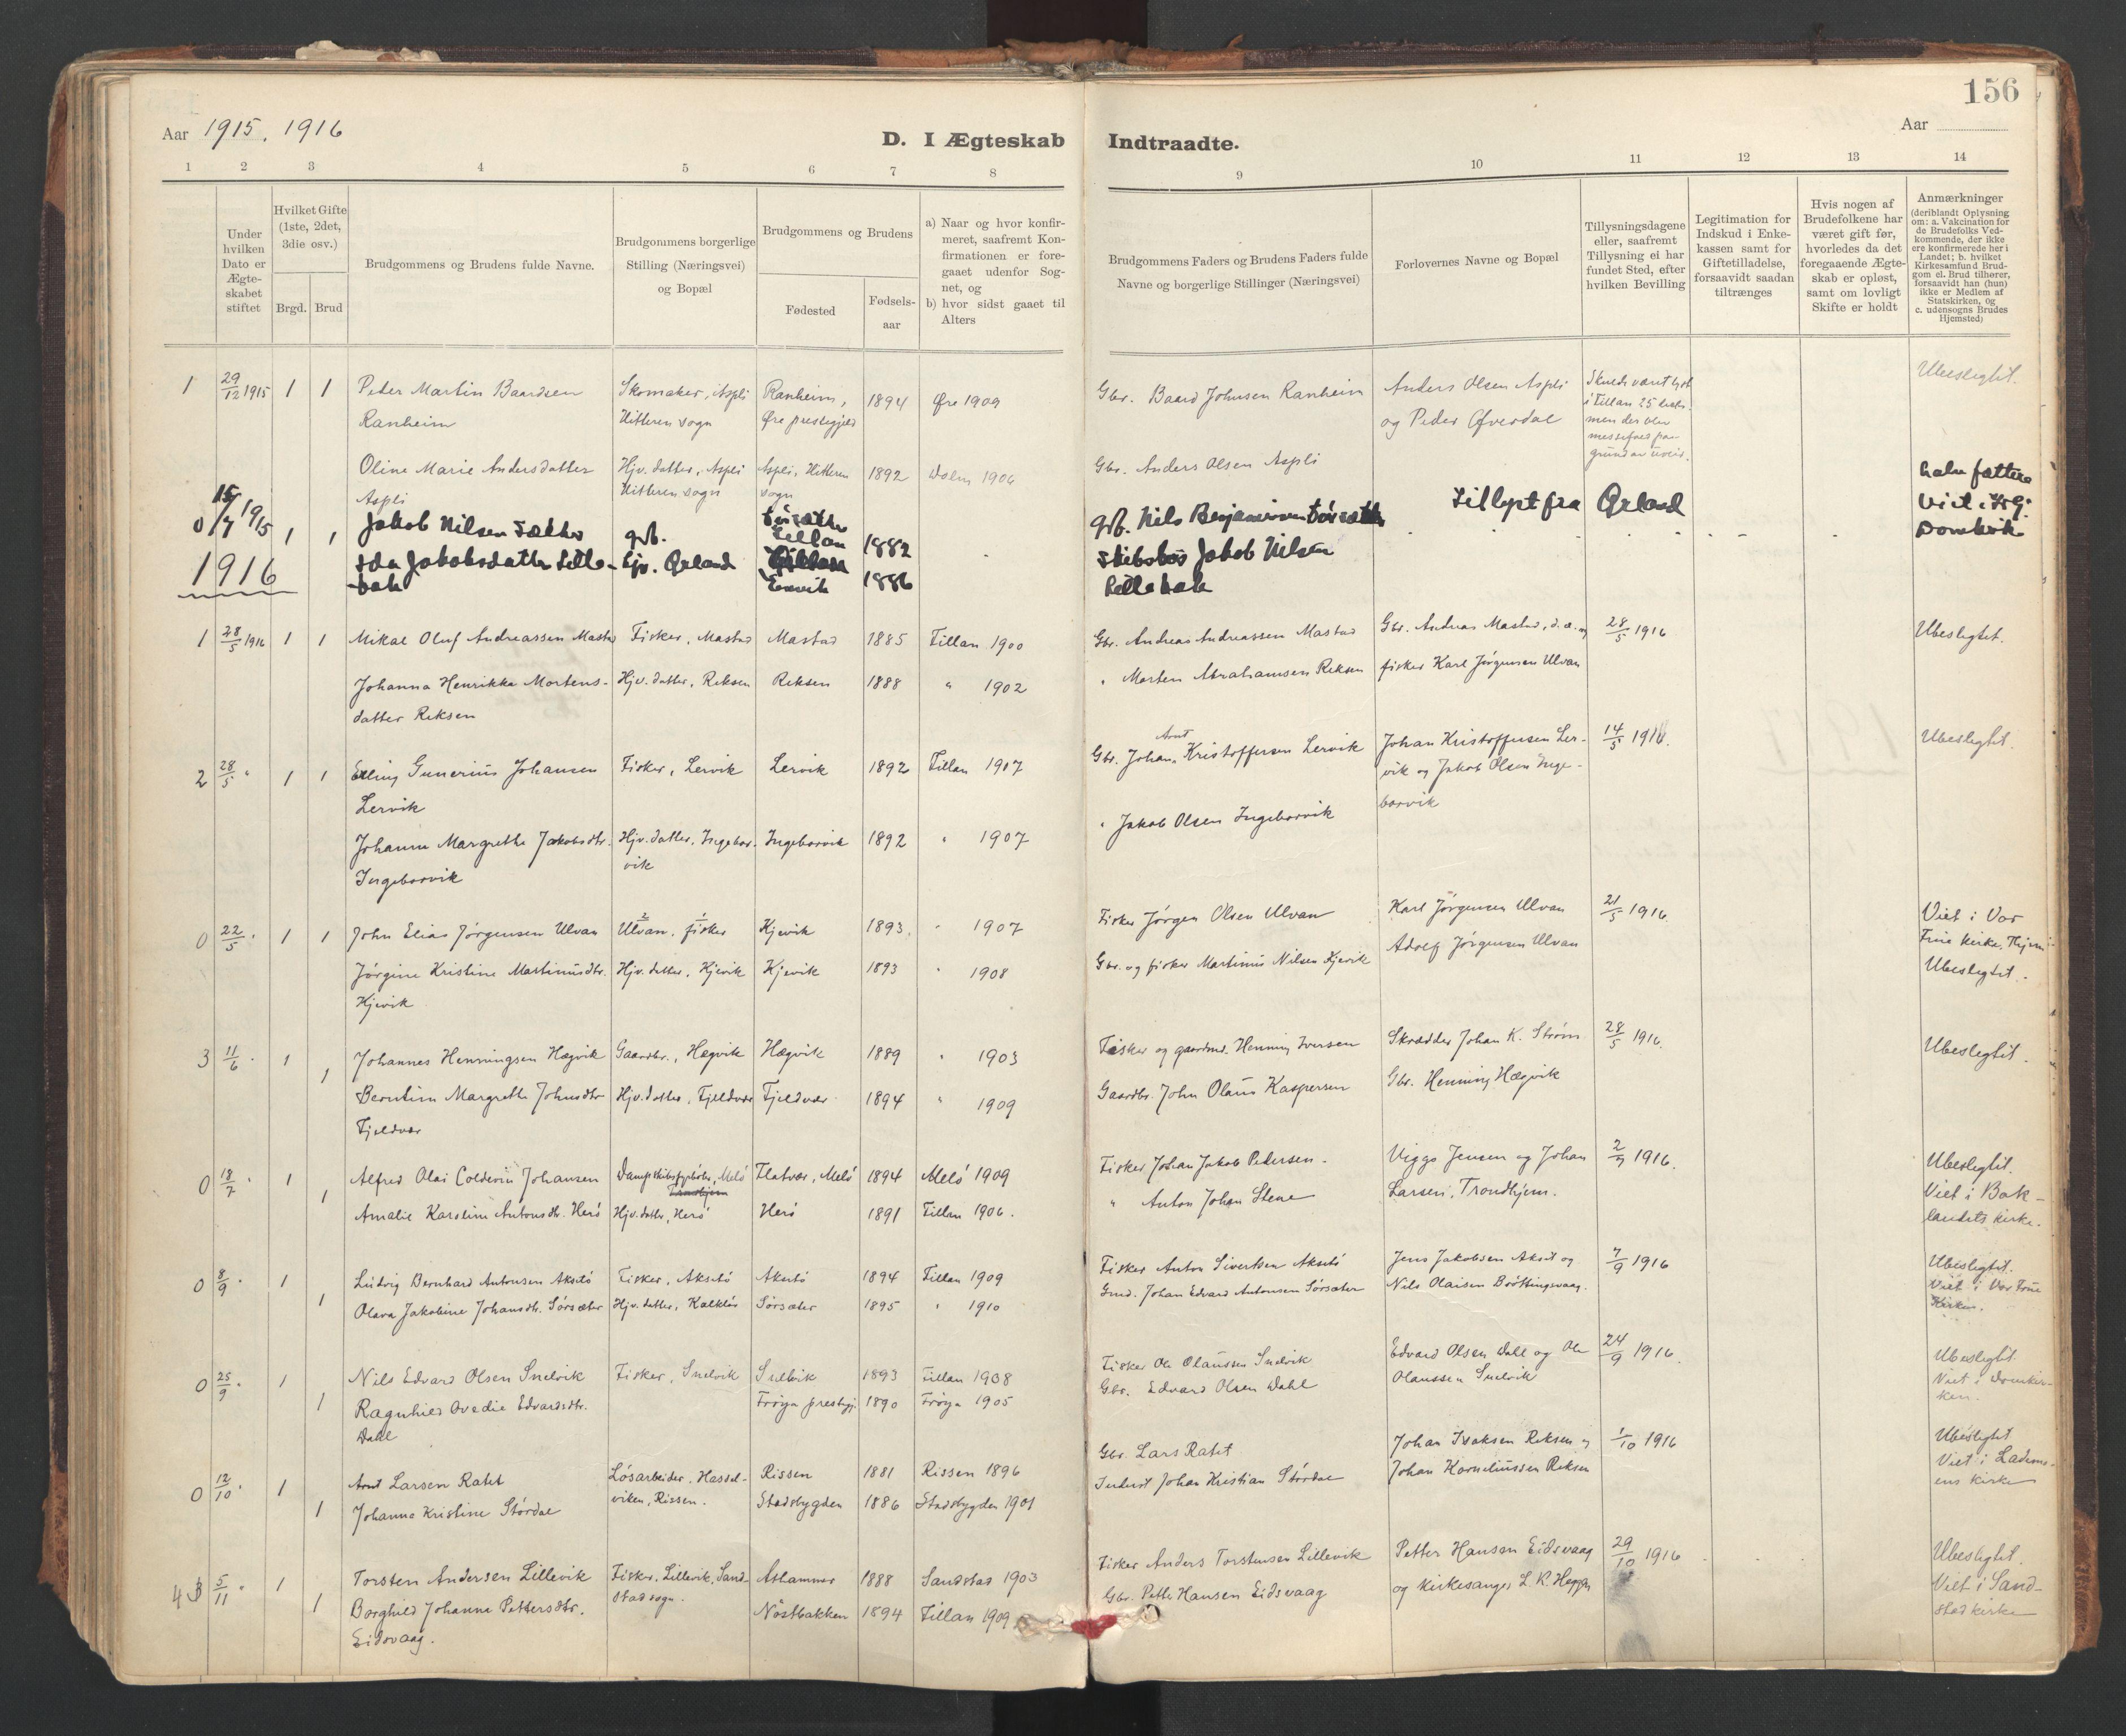 SAT, Ministerialprotokoller, klokkerbøker og fødselsregistre - Sør-Trøndelag, 637/L0559: Ministerialbok nr. 637A02, 1899-1923, s. 156